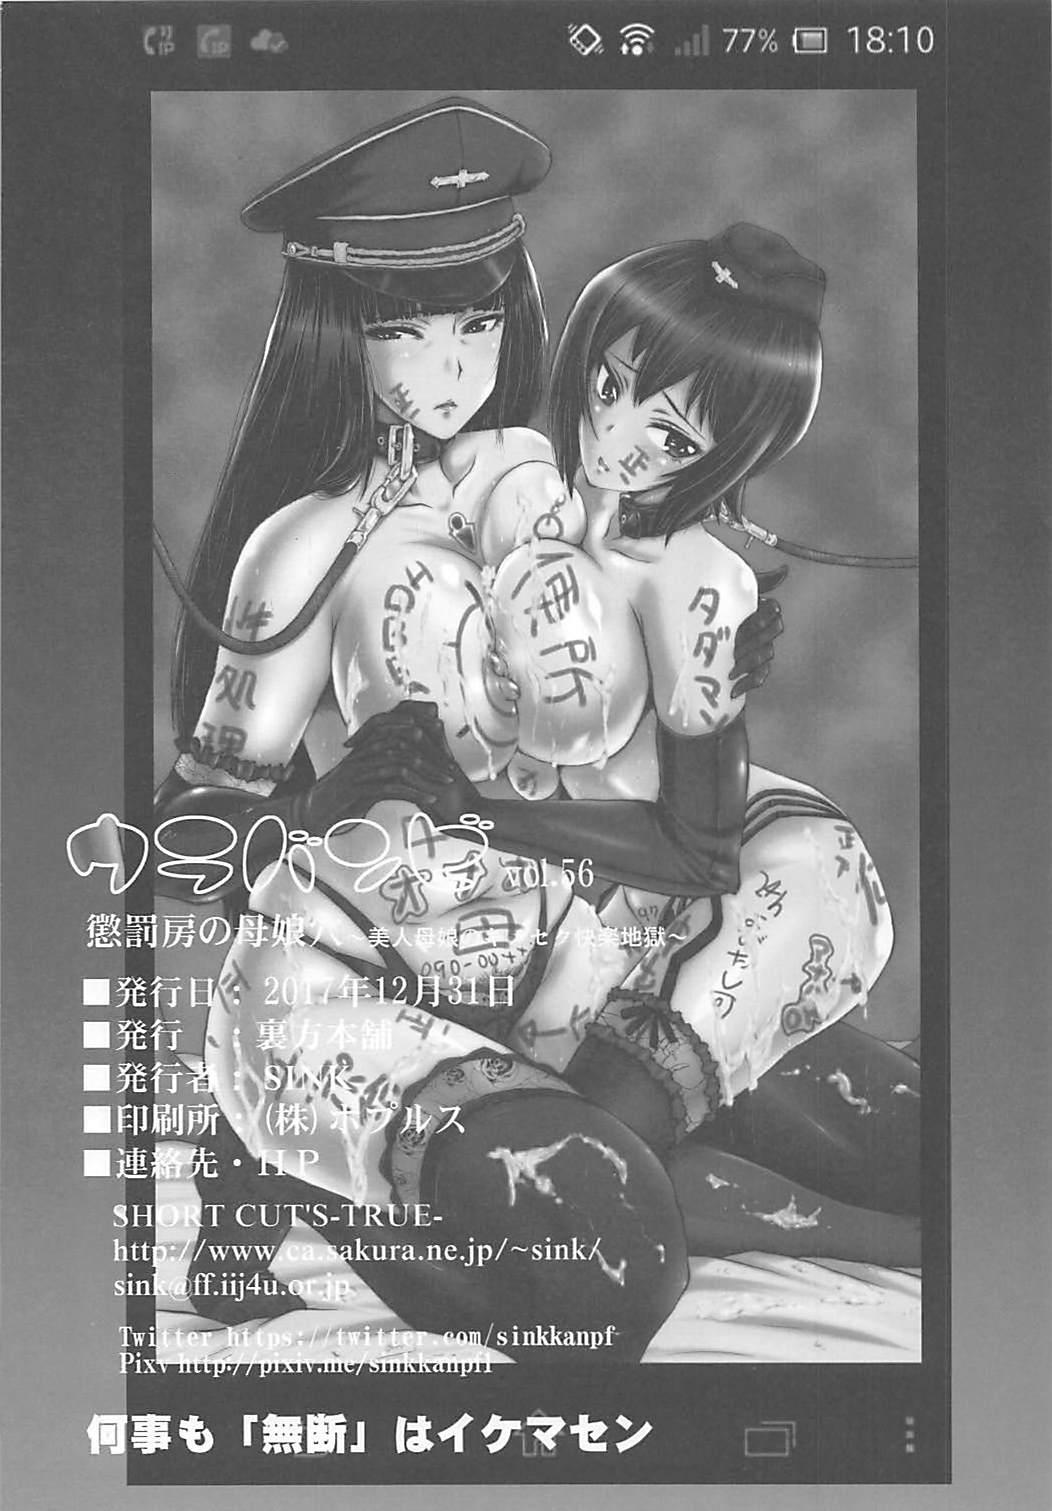 (C93) [Urakata Honpo (SINK)] Urabambi Vol. 56 ~Choubatsubou no Oyako Ana~ Bijin Oyako no Kimeseku Kairaku Jigoku~ (Girls und Panzer) 30